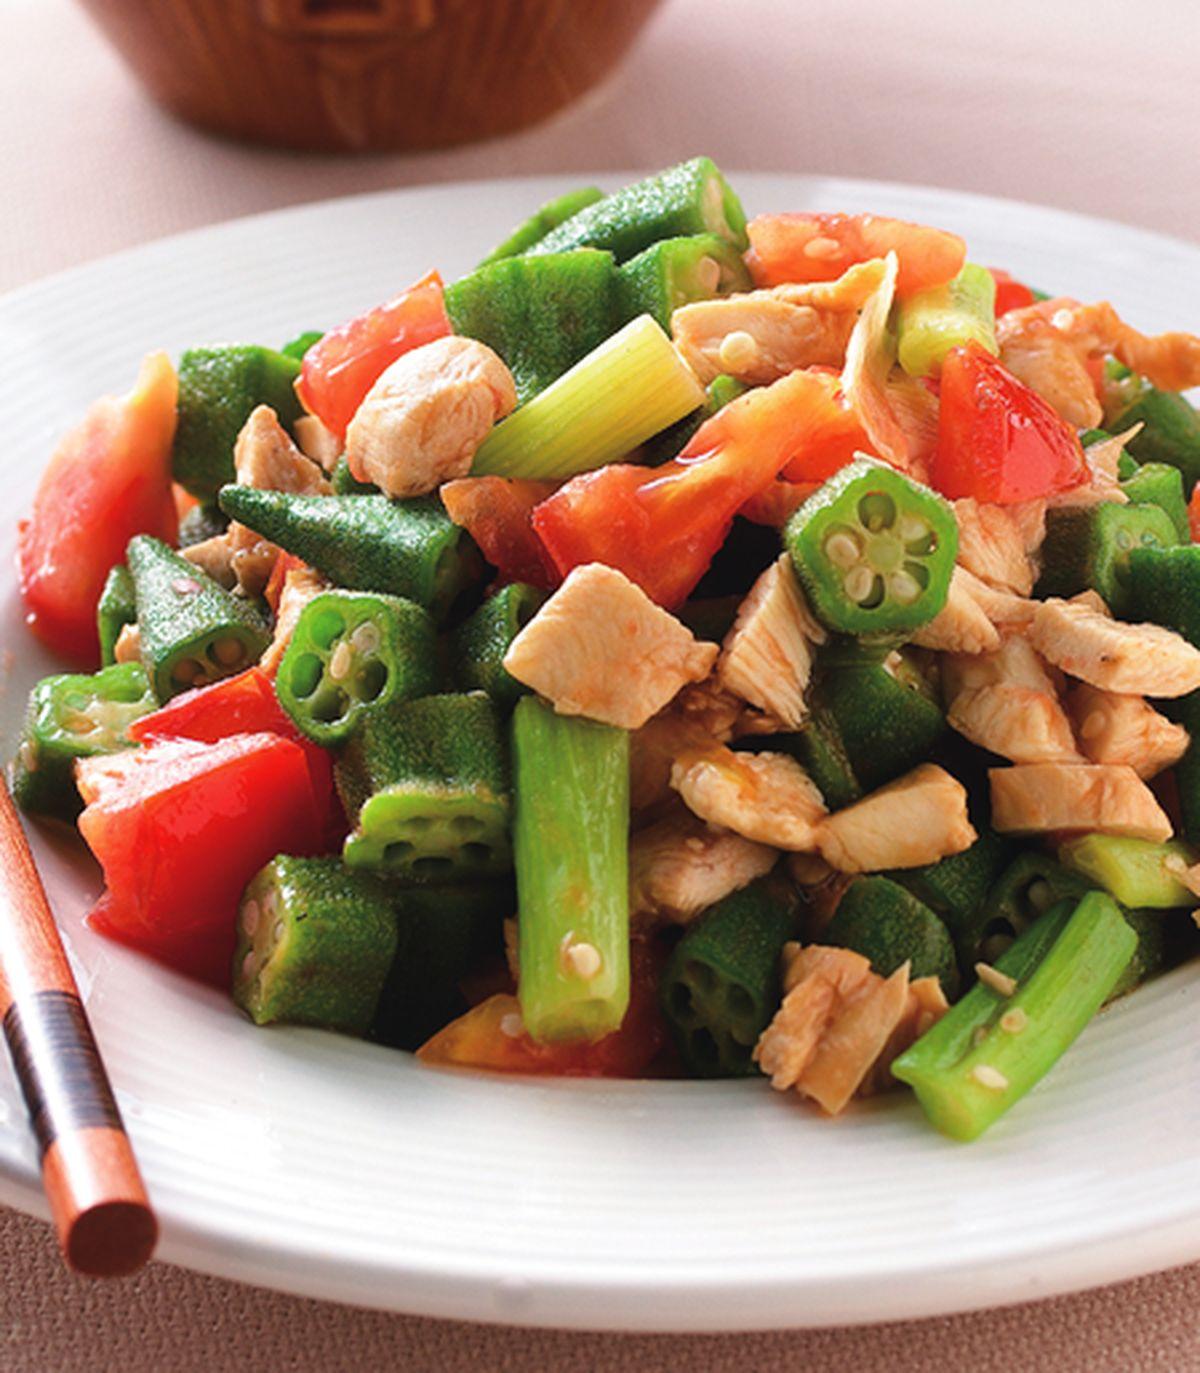 食譜:秋葵蕃茄炒雞丁